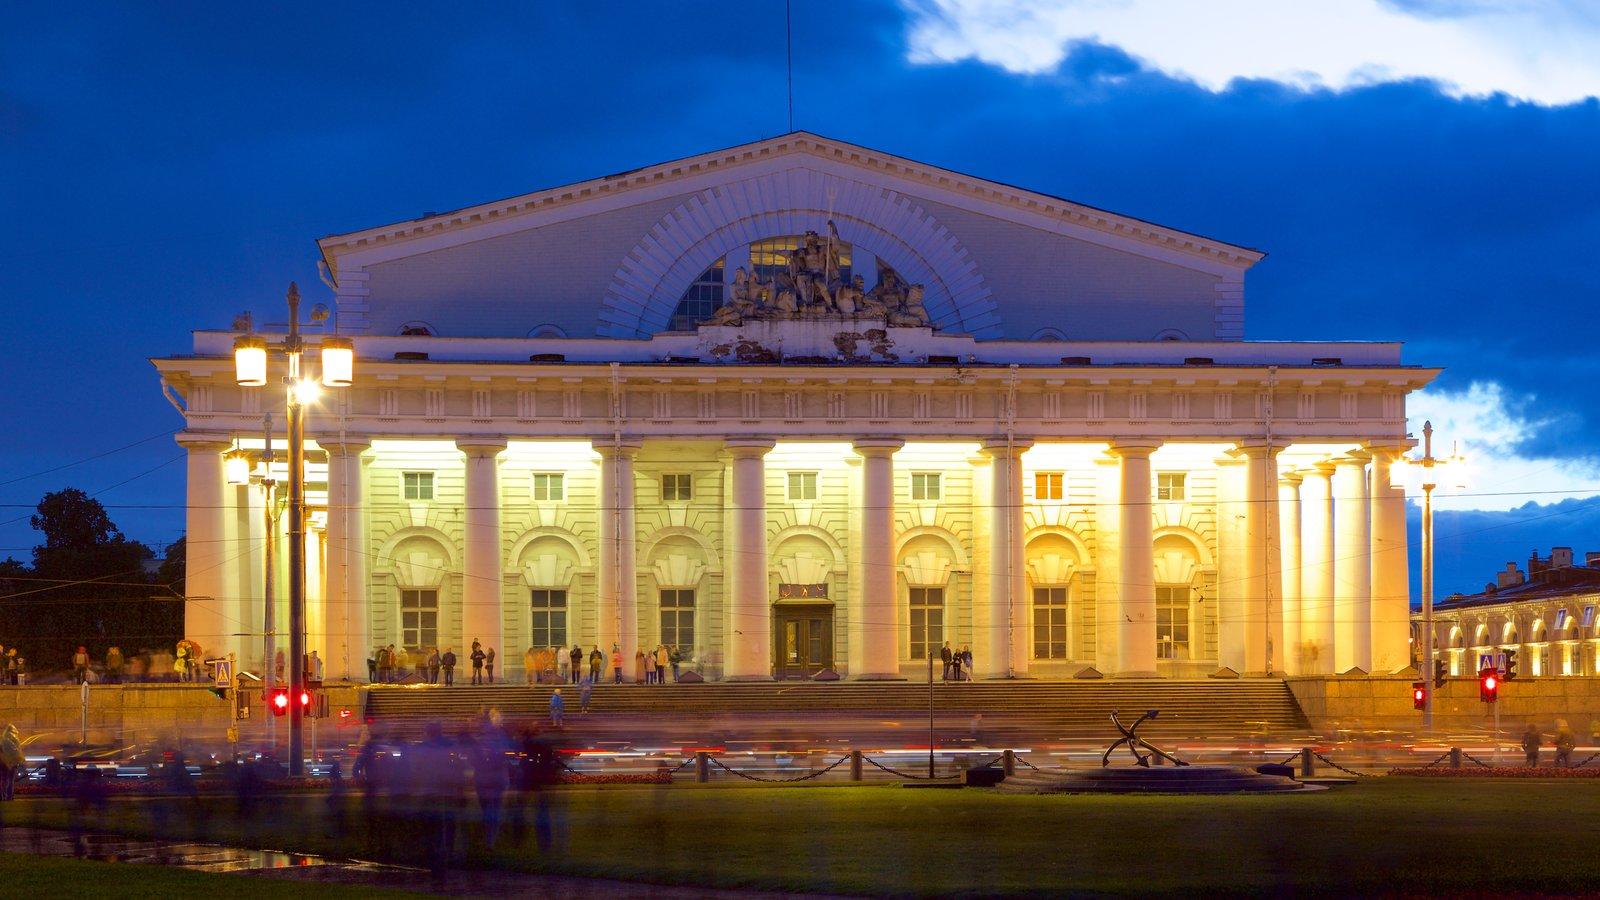 Strelka caracterizando arquitetura de patrimônio